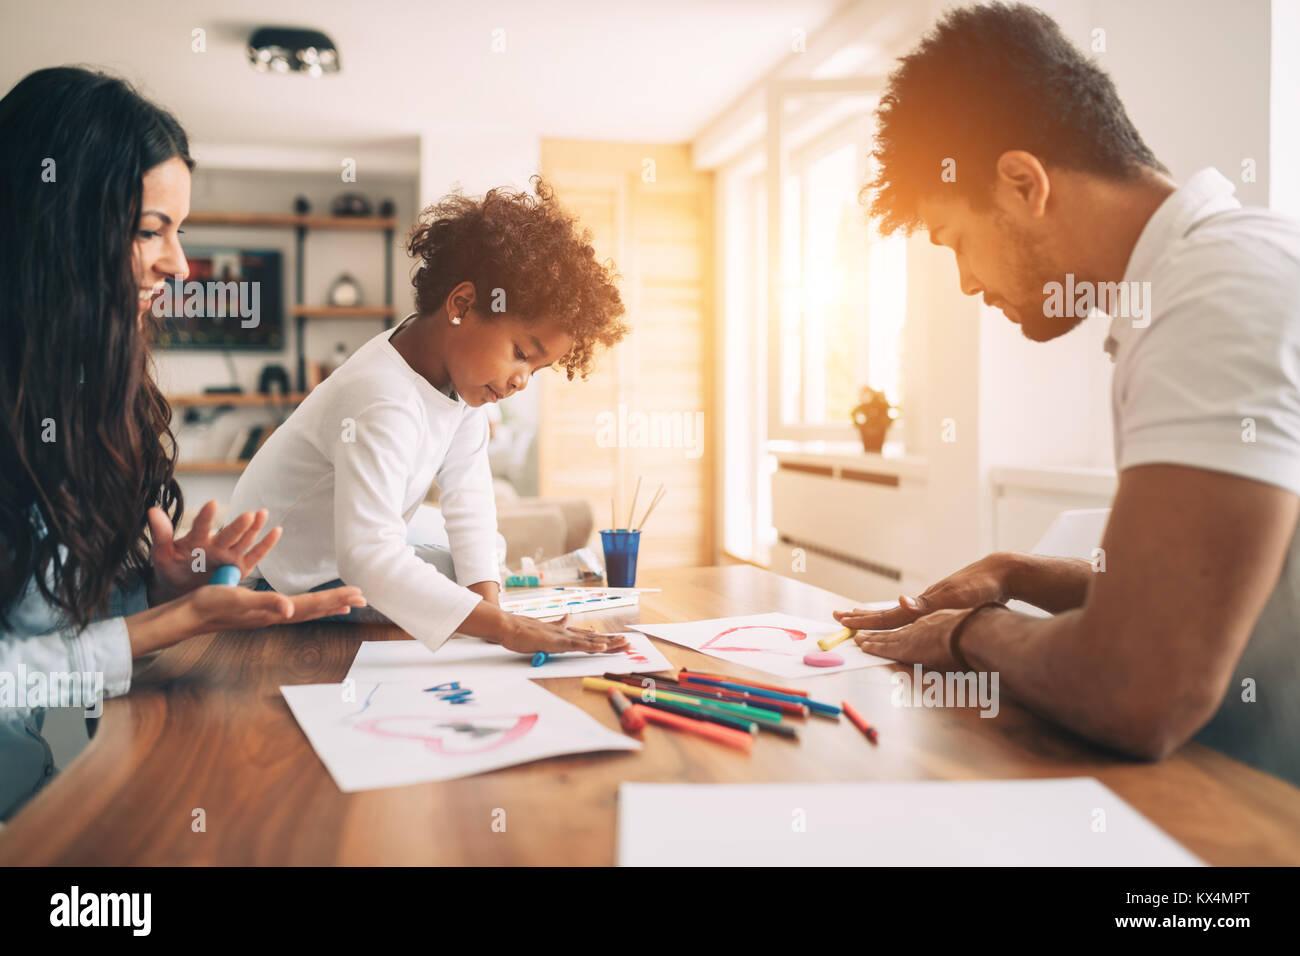 Felice famiglia giovane rilassarsi e divertirsi a casa Immagini Stock